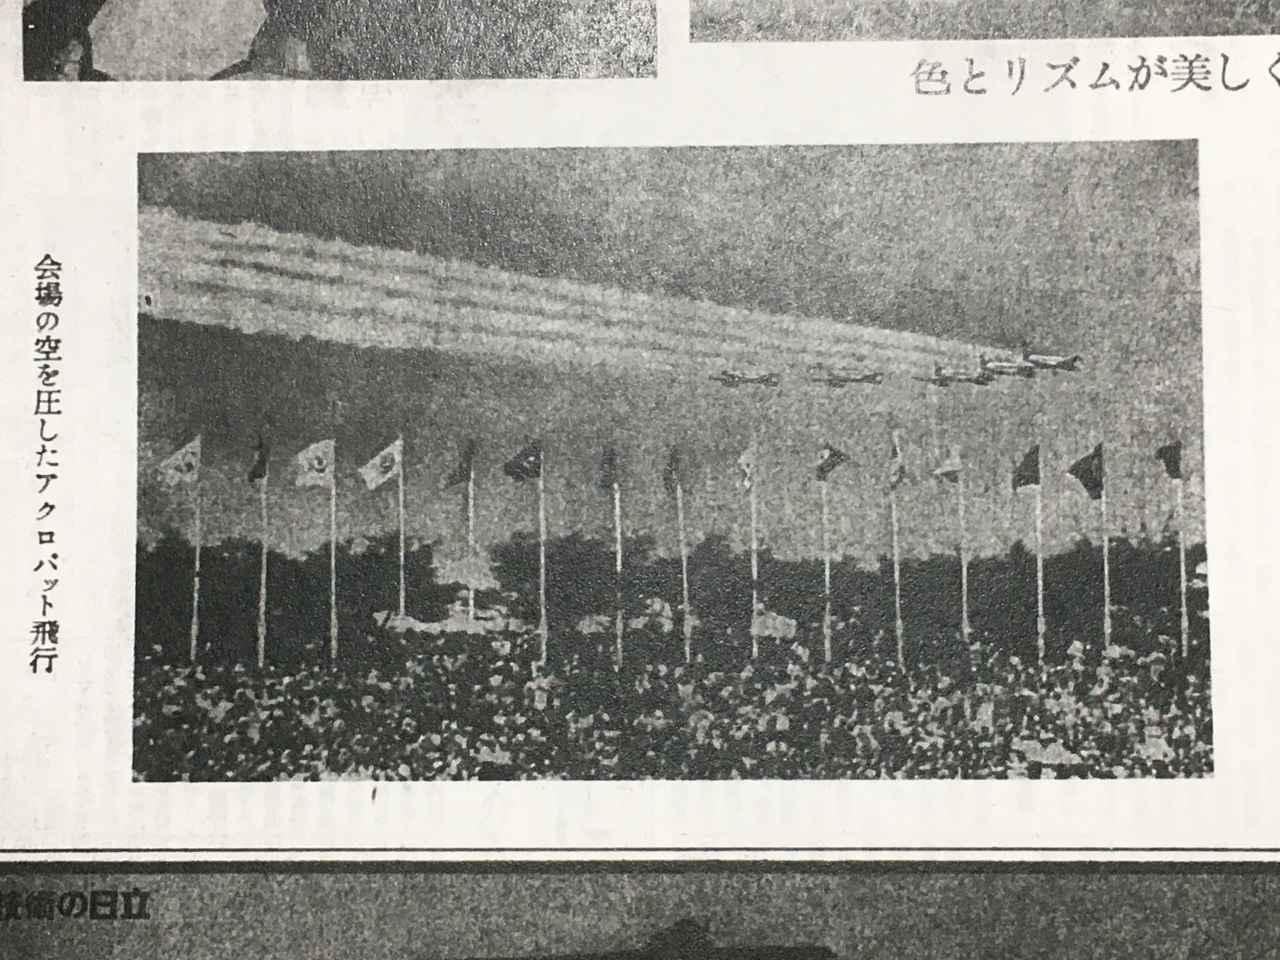 画像: 北海道新聞の写真特集に載るブルーは、他社の写真とは違う距離感の写真で、道内各自治体旗の列に近い低い高度を飛んでいるのがわかる。